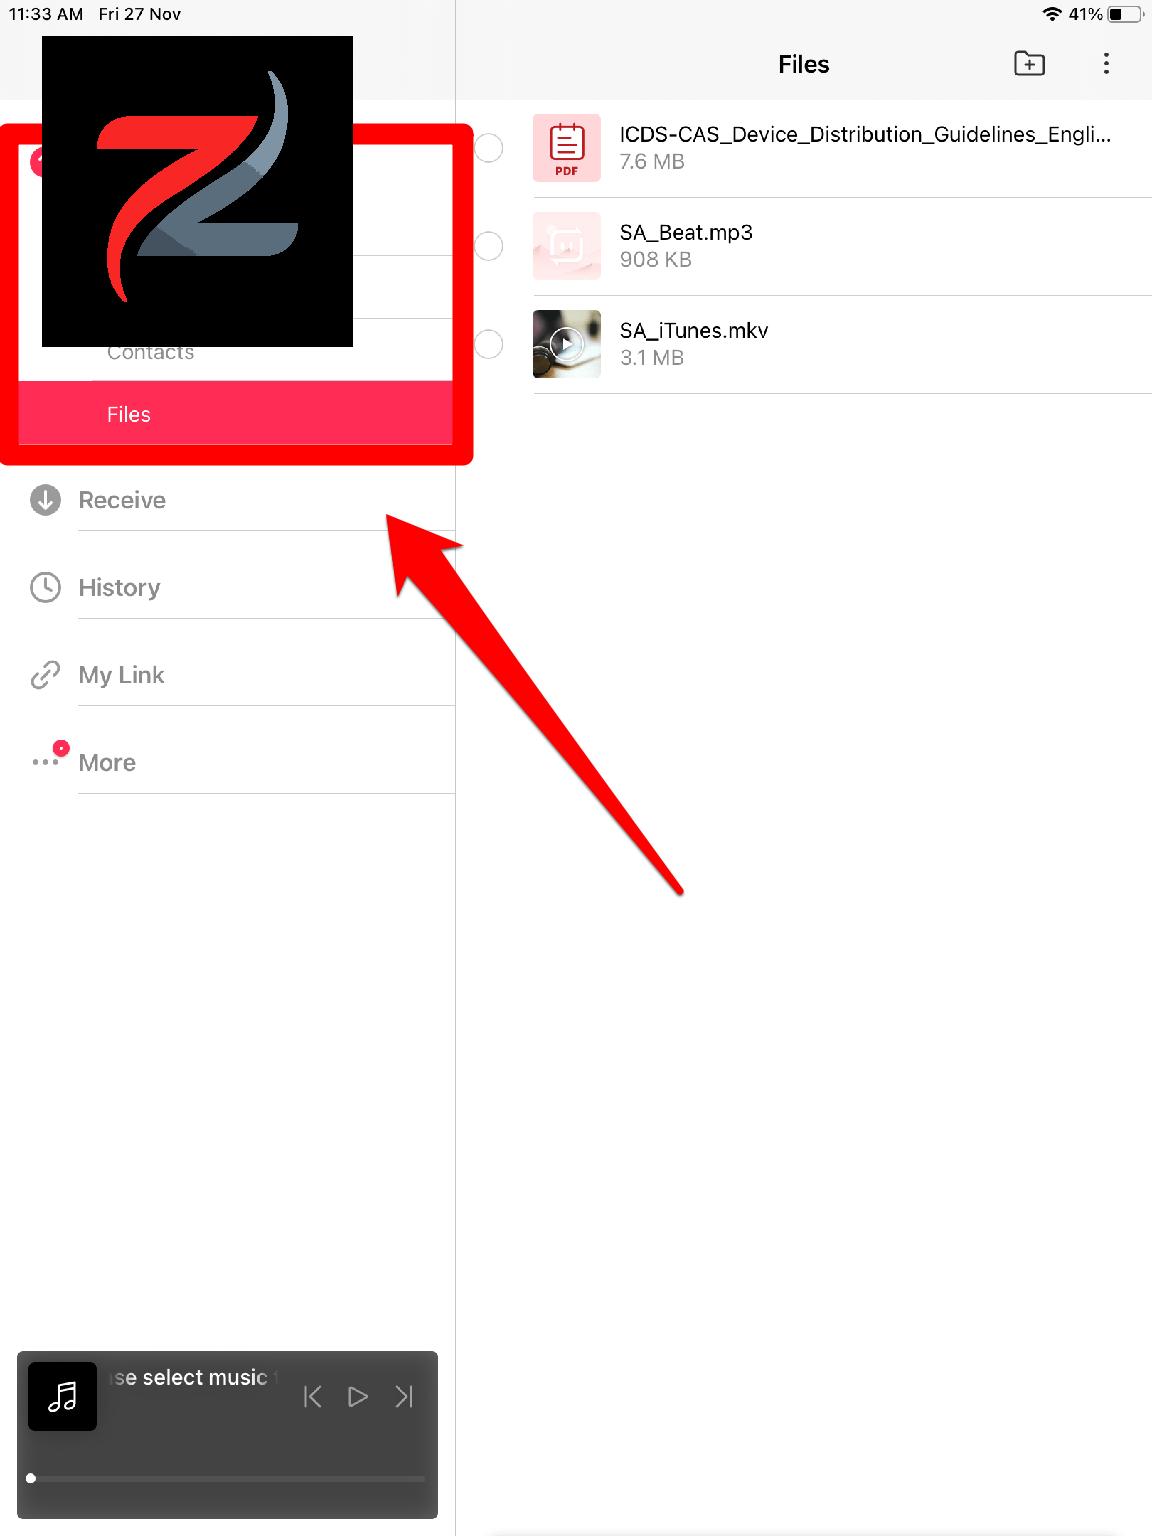 إرسال الملفات ومقاطع الفيديو وجهات الاتصال